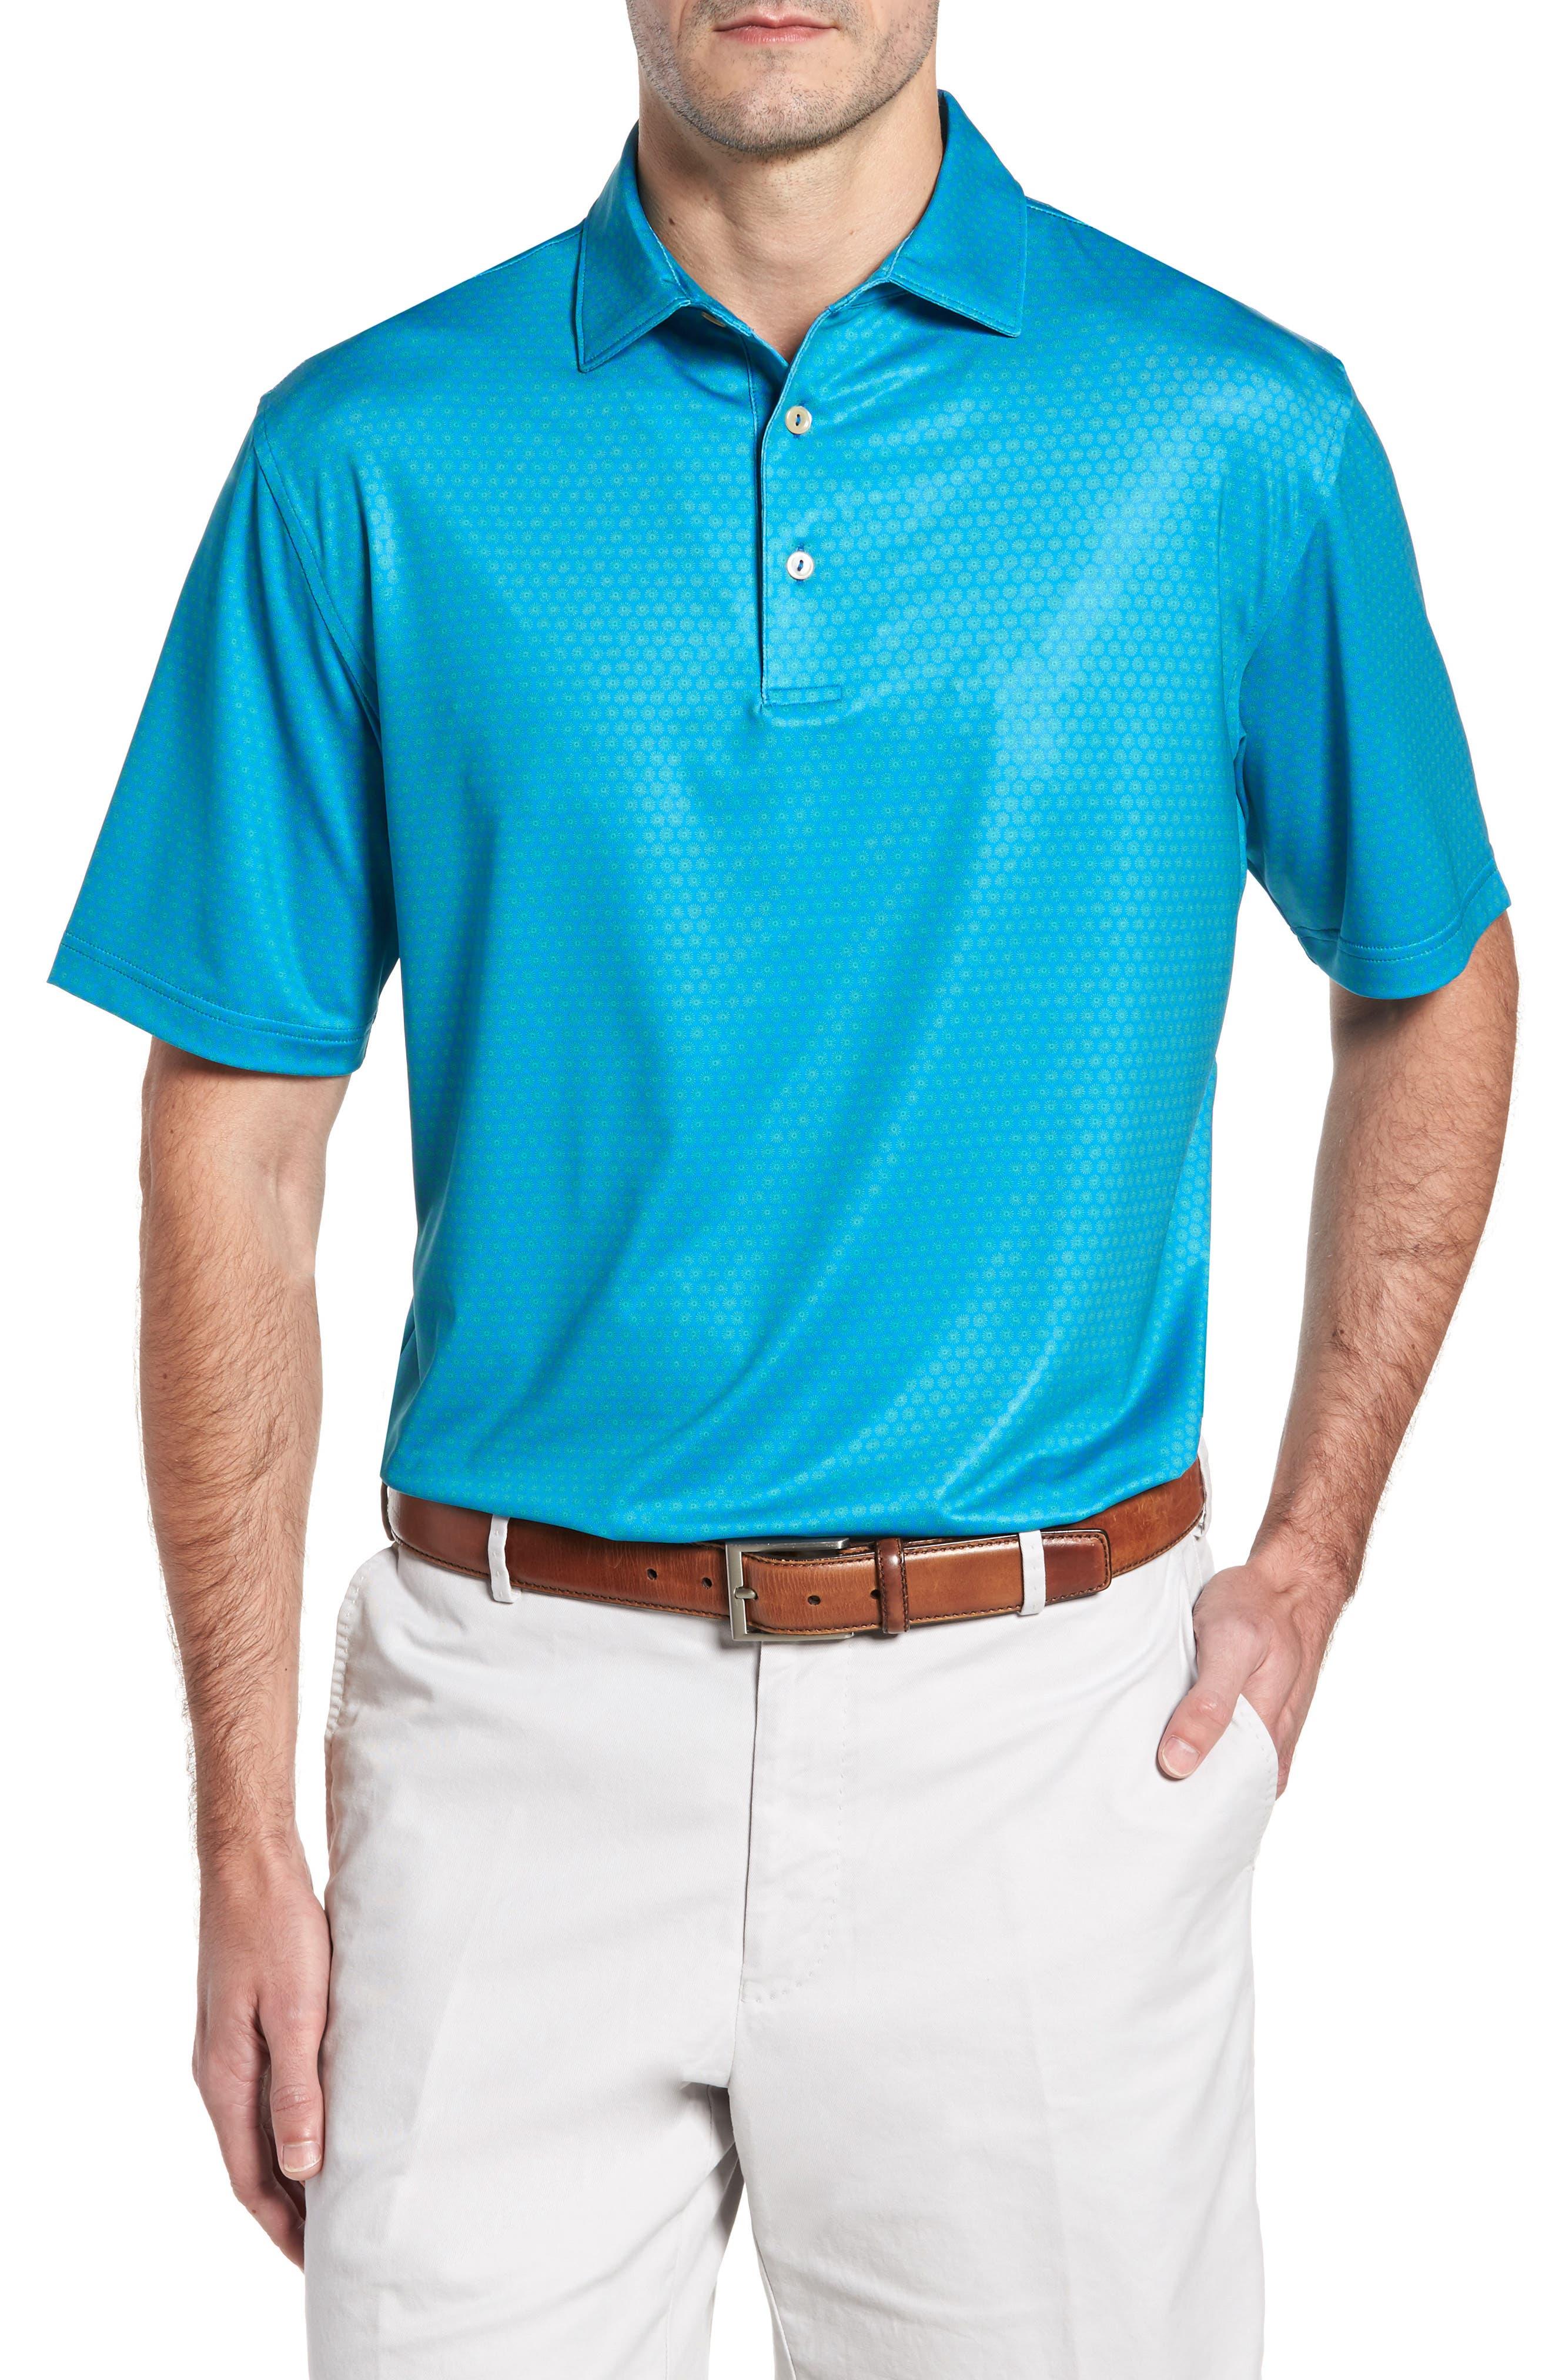 Sean Mata Sunburst Stretch Jersey Polo,                         Main,                         color, 403